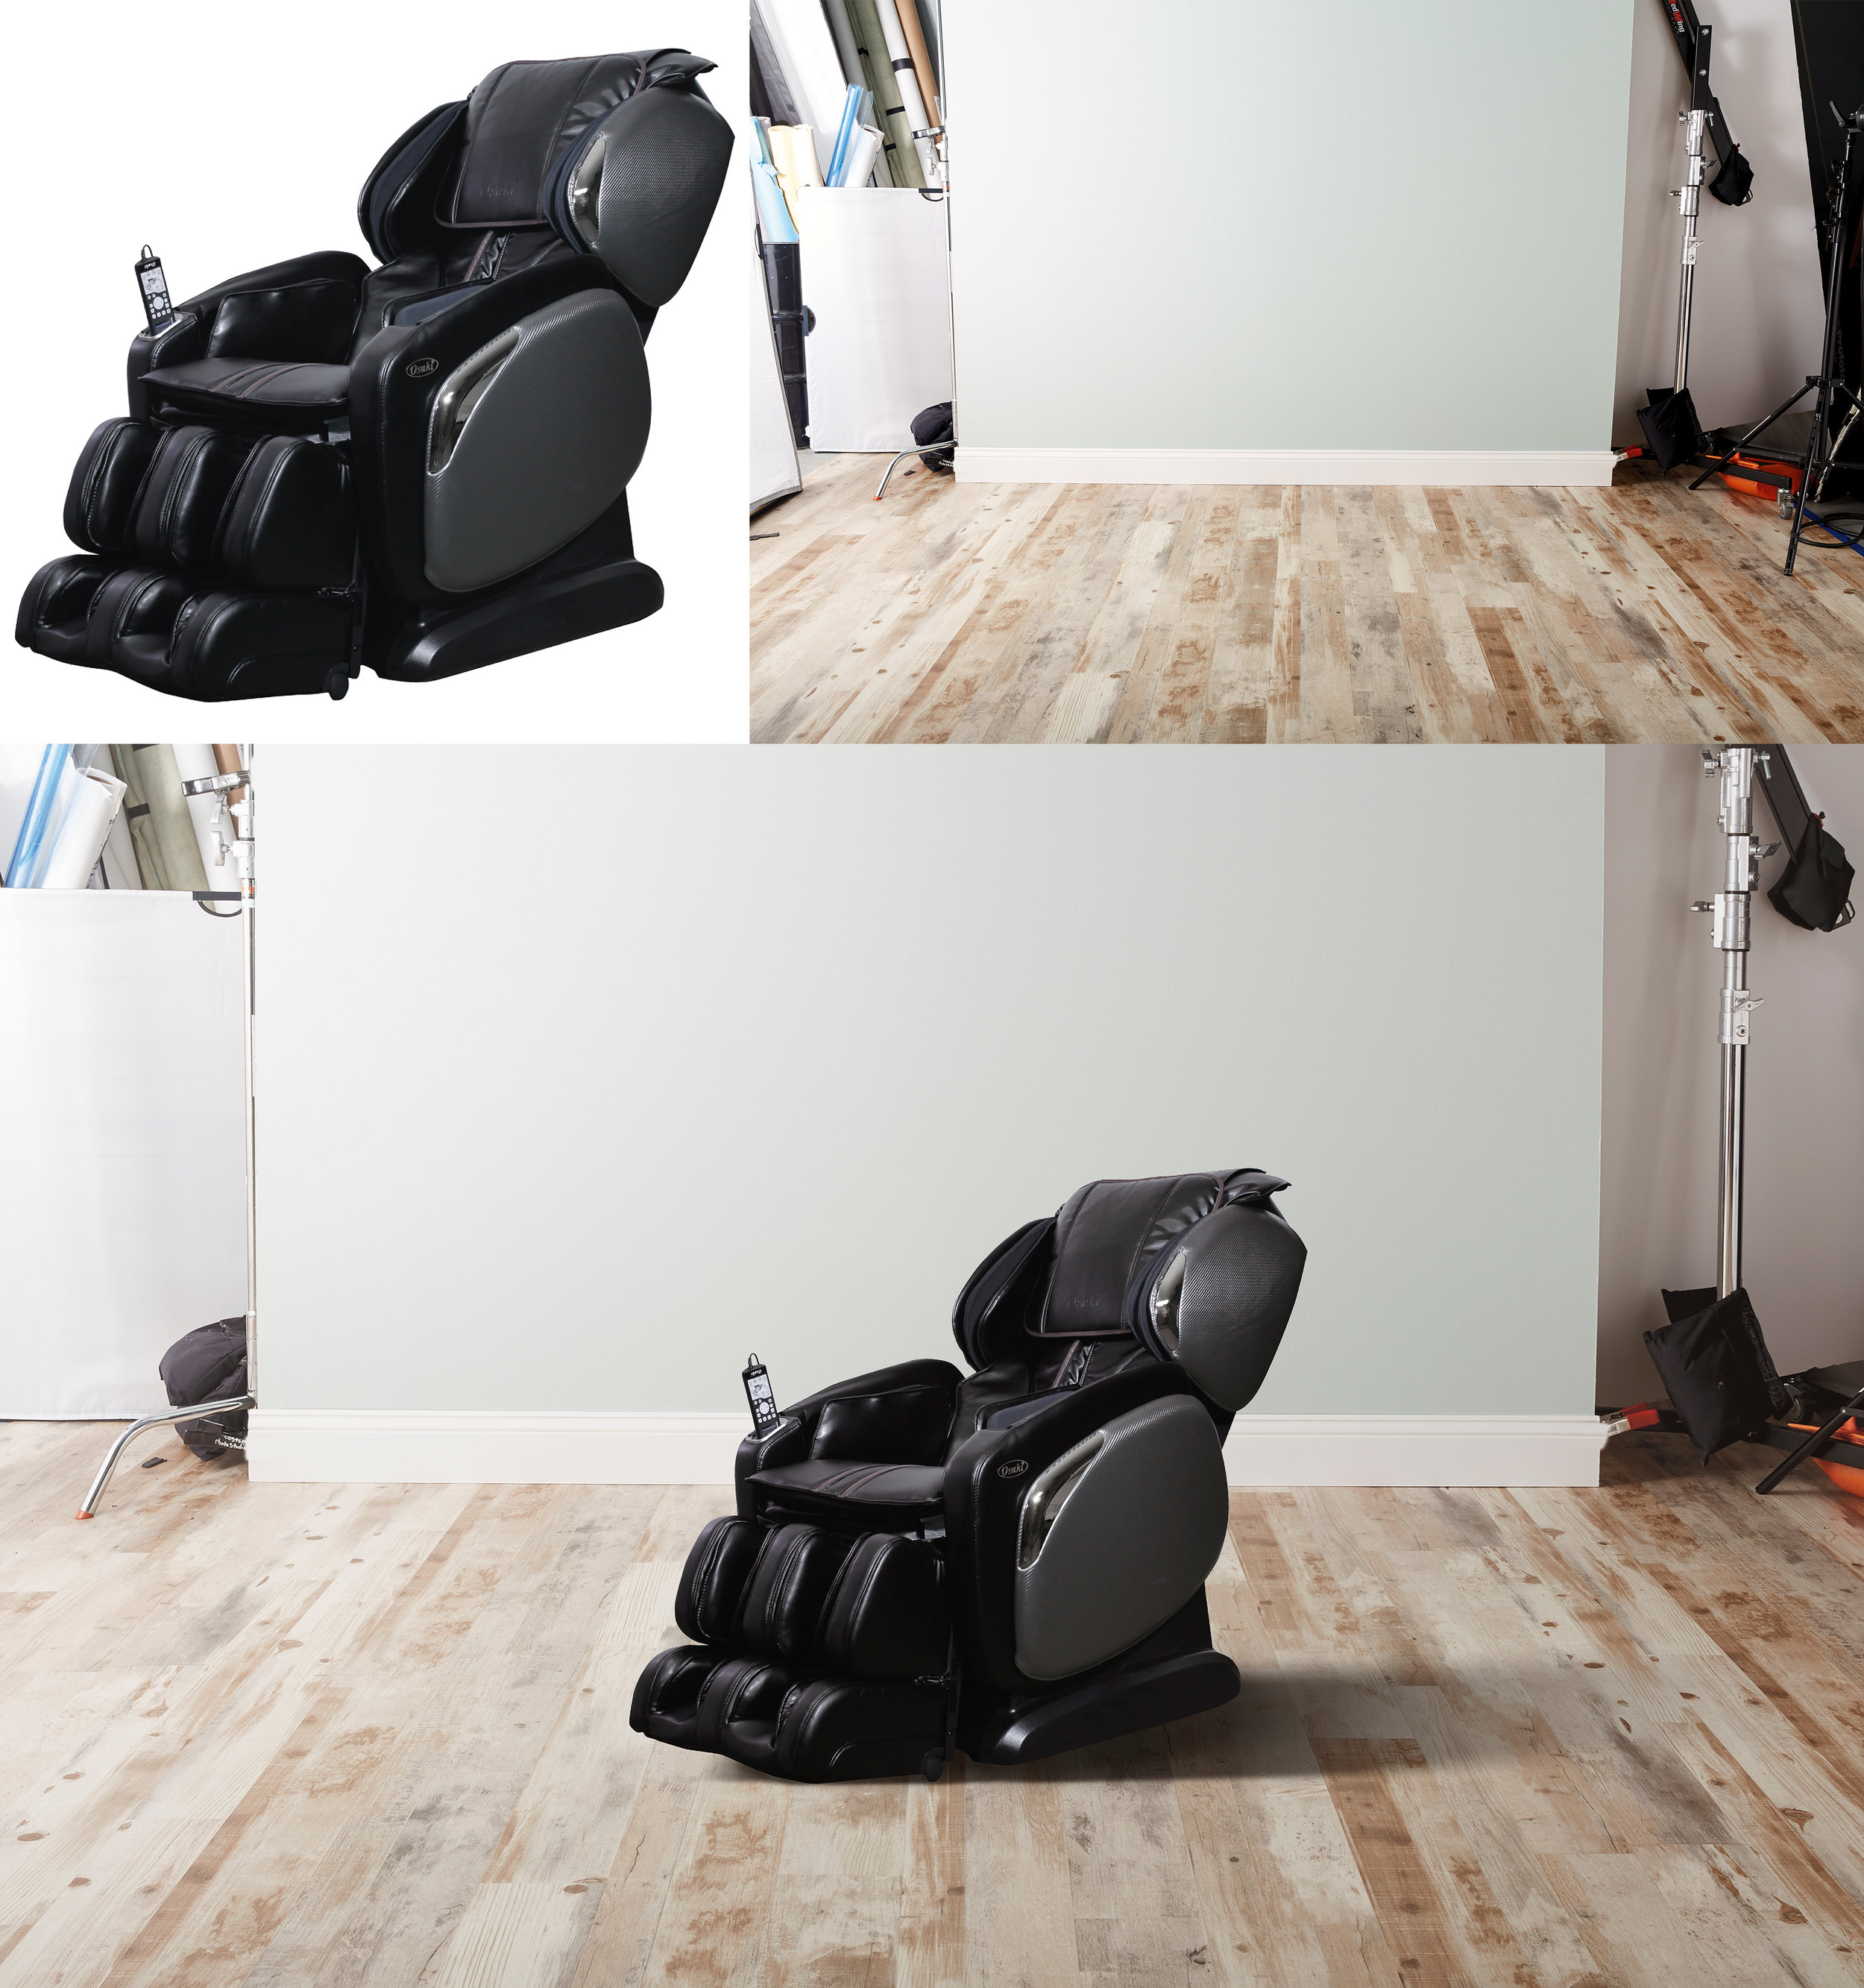 Costco Massage Chair